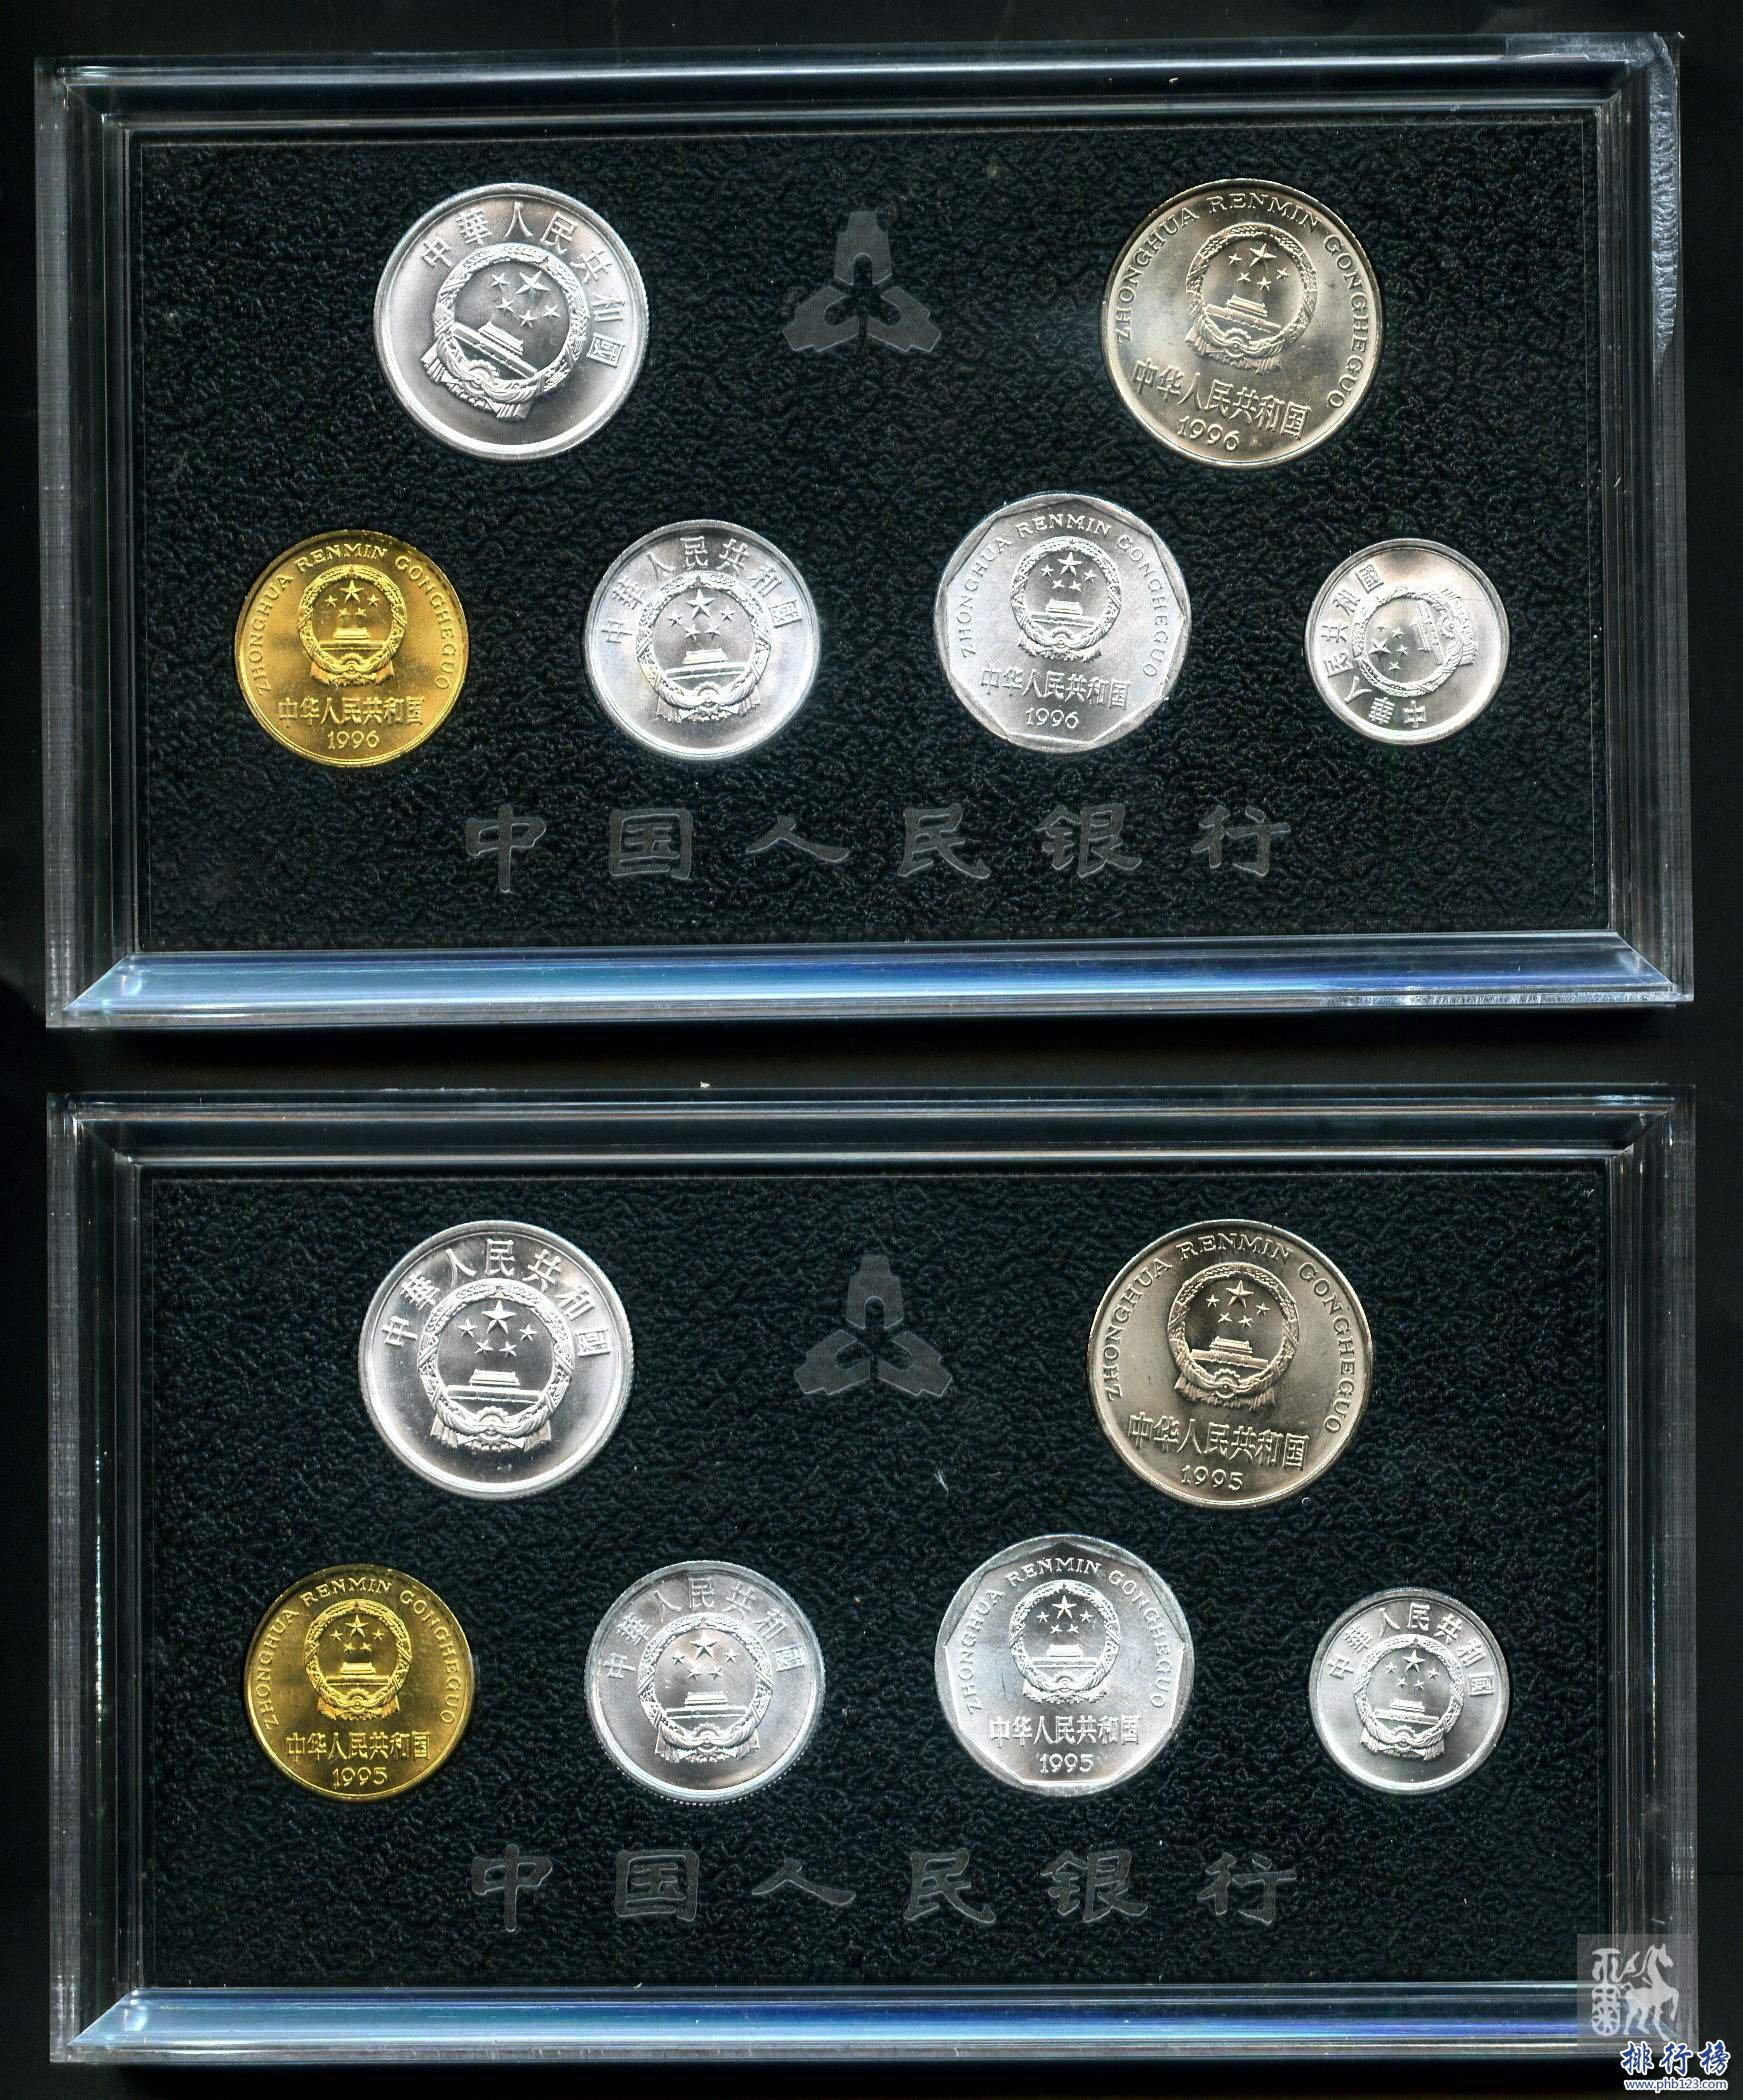 分硬币收藏值多少钱?2018硬币收藏价格表